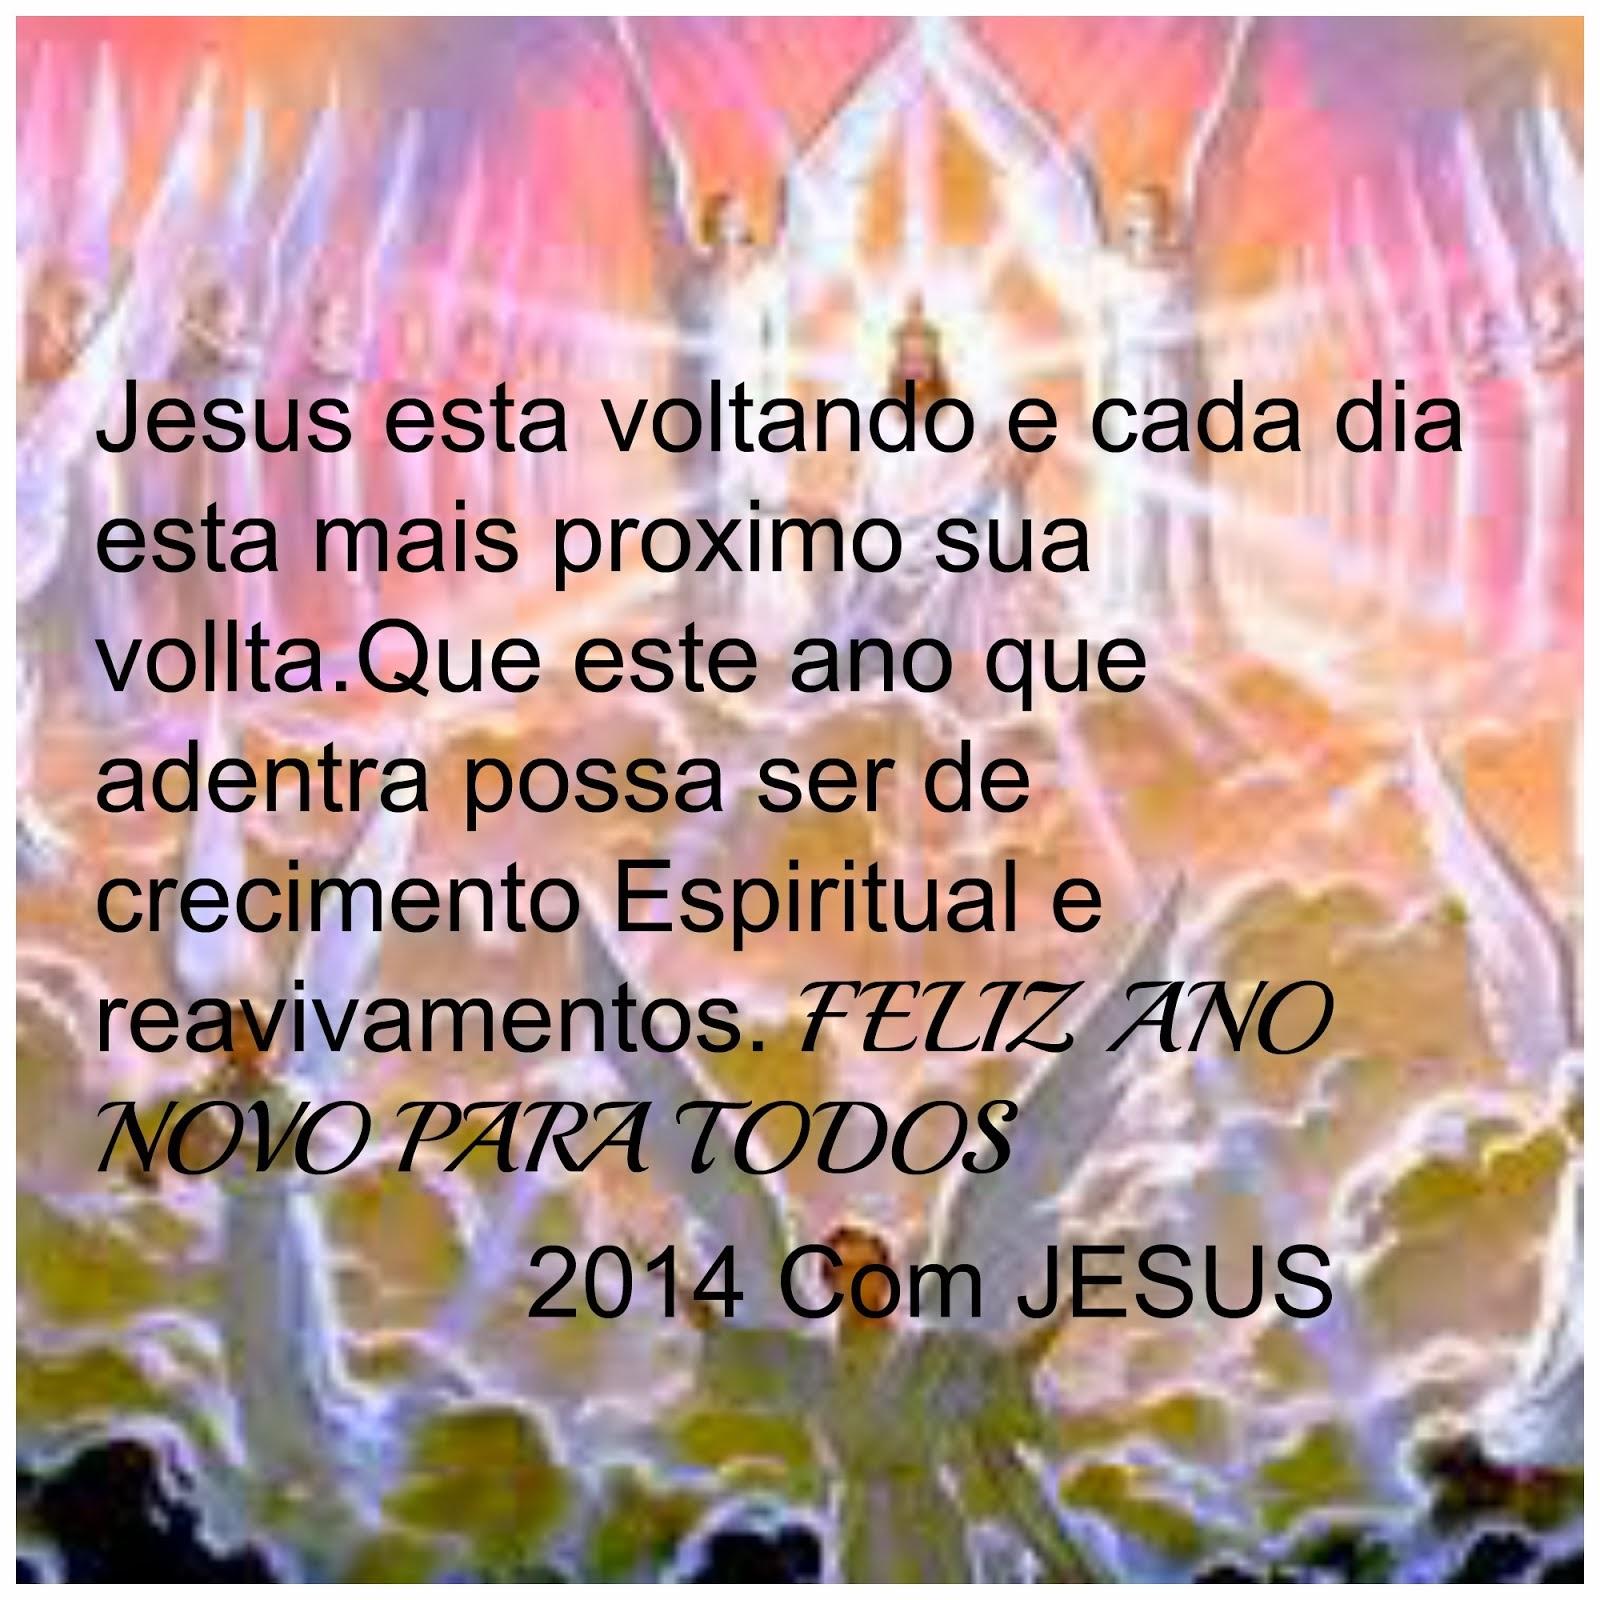 SUCESSO,FELICIDADES E MAIS A PROXIMIDADE COM JESUS.